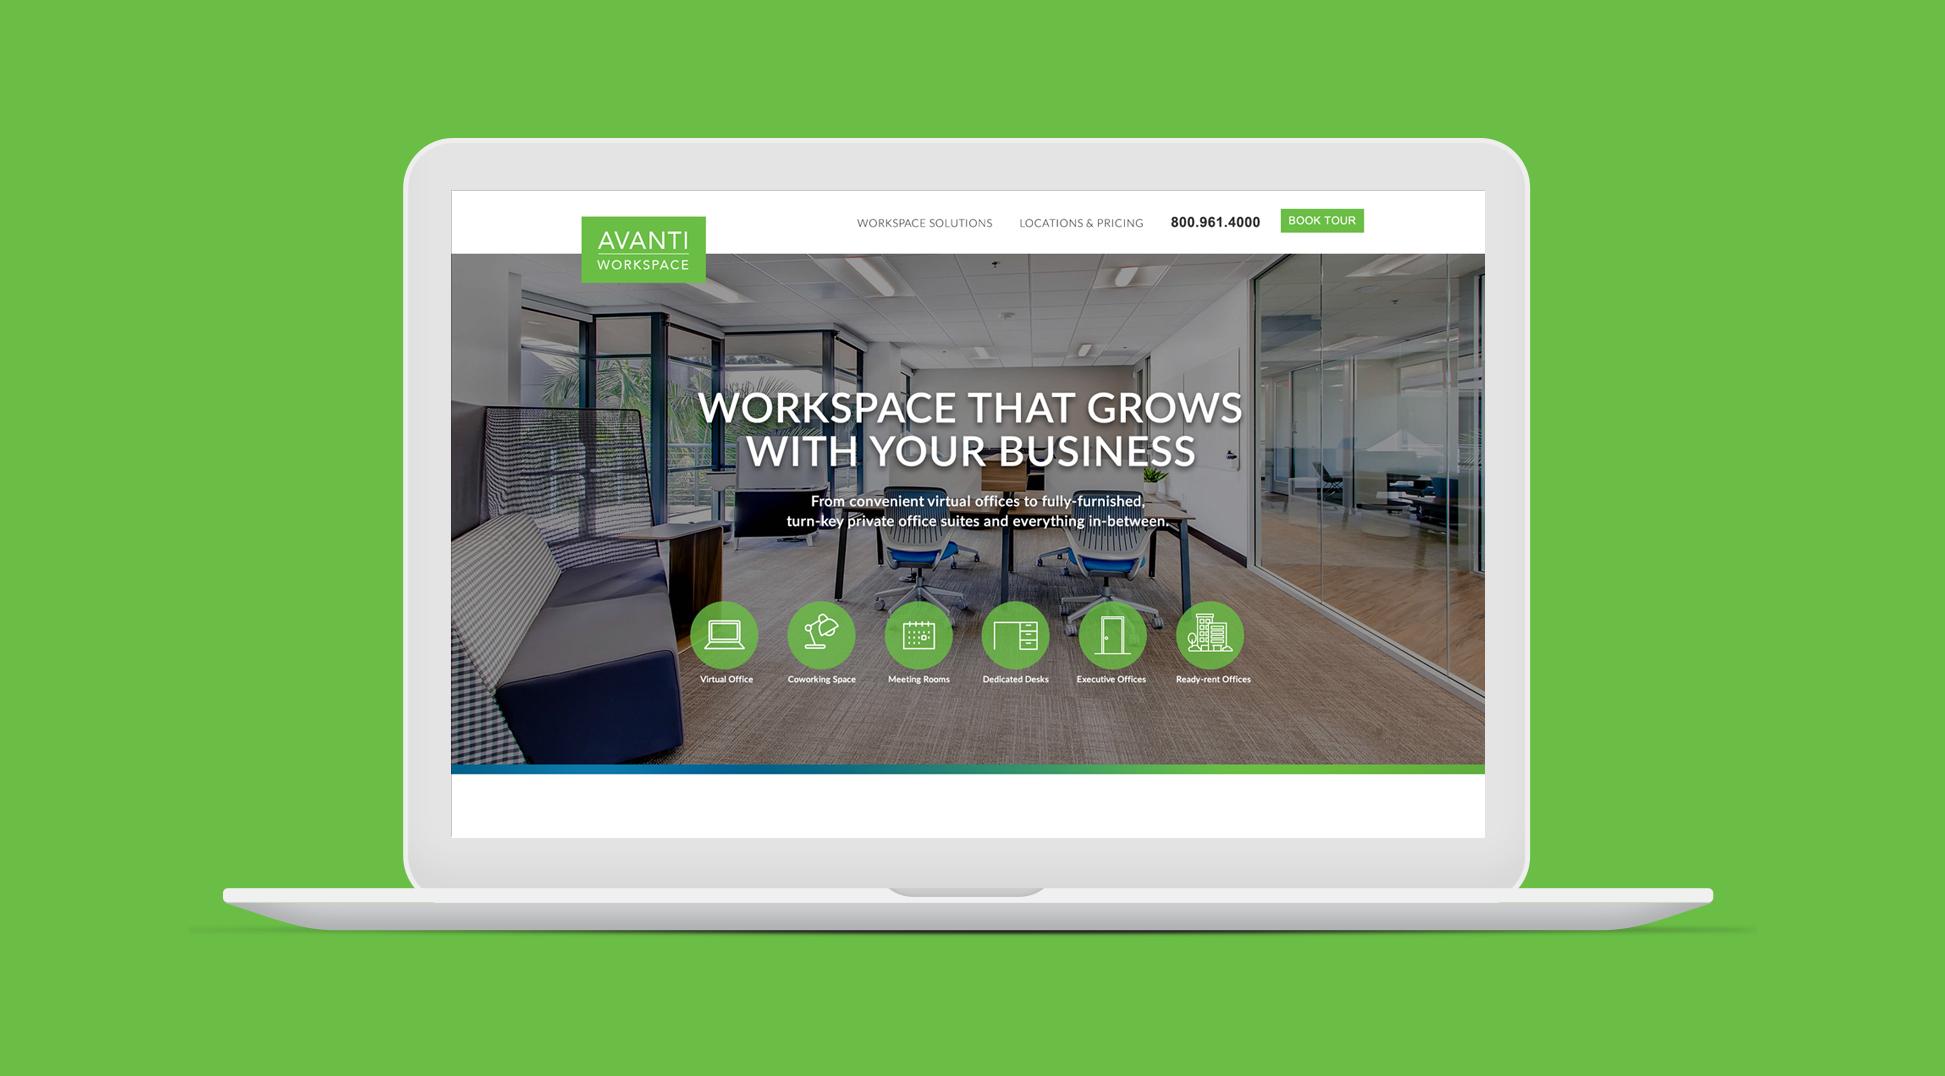 Avanti Workspace website homepage screenshot